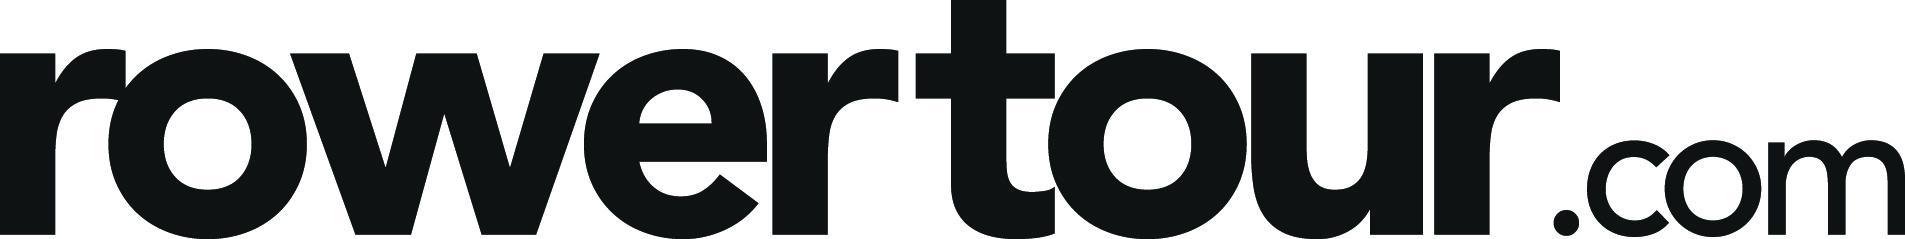 rowertour-logo-vector